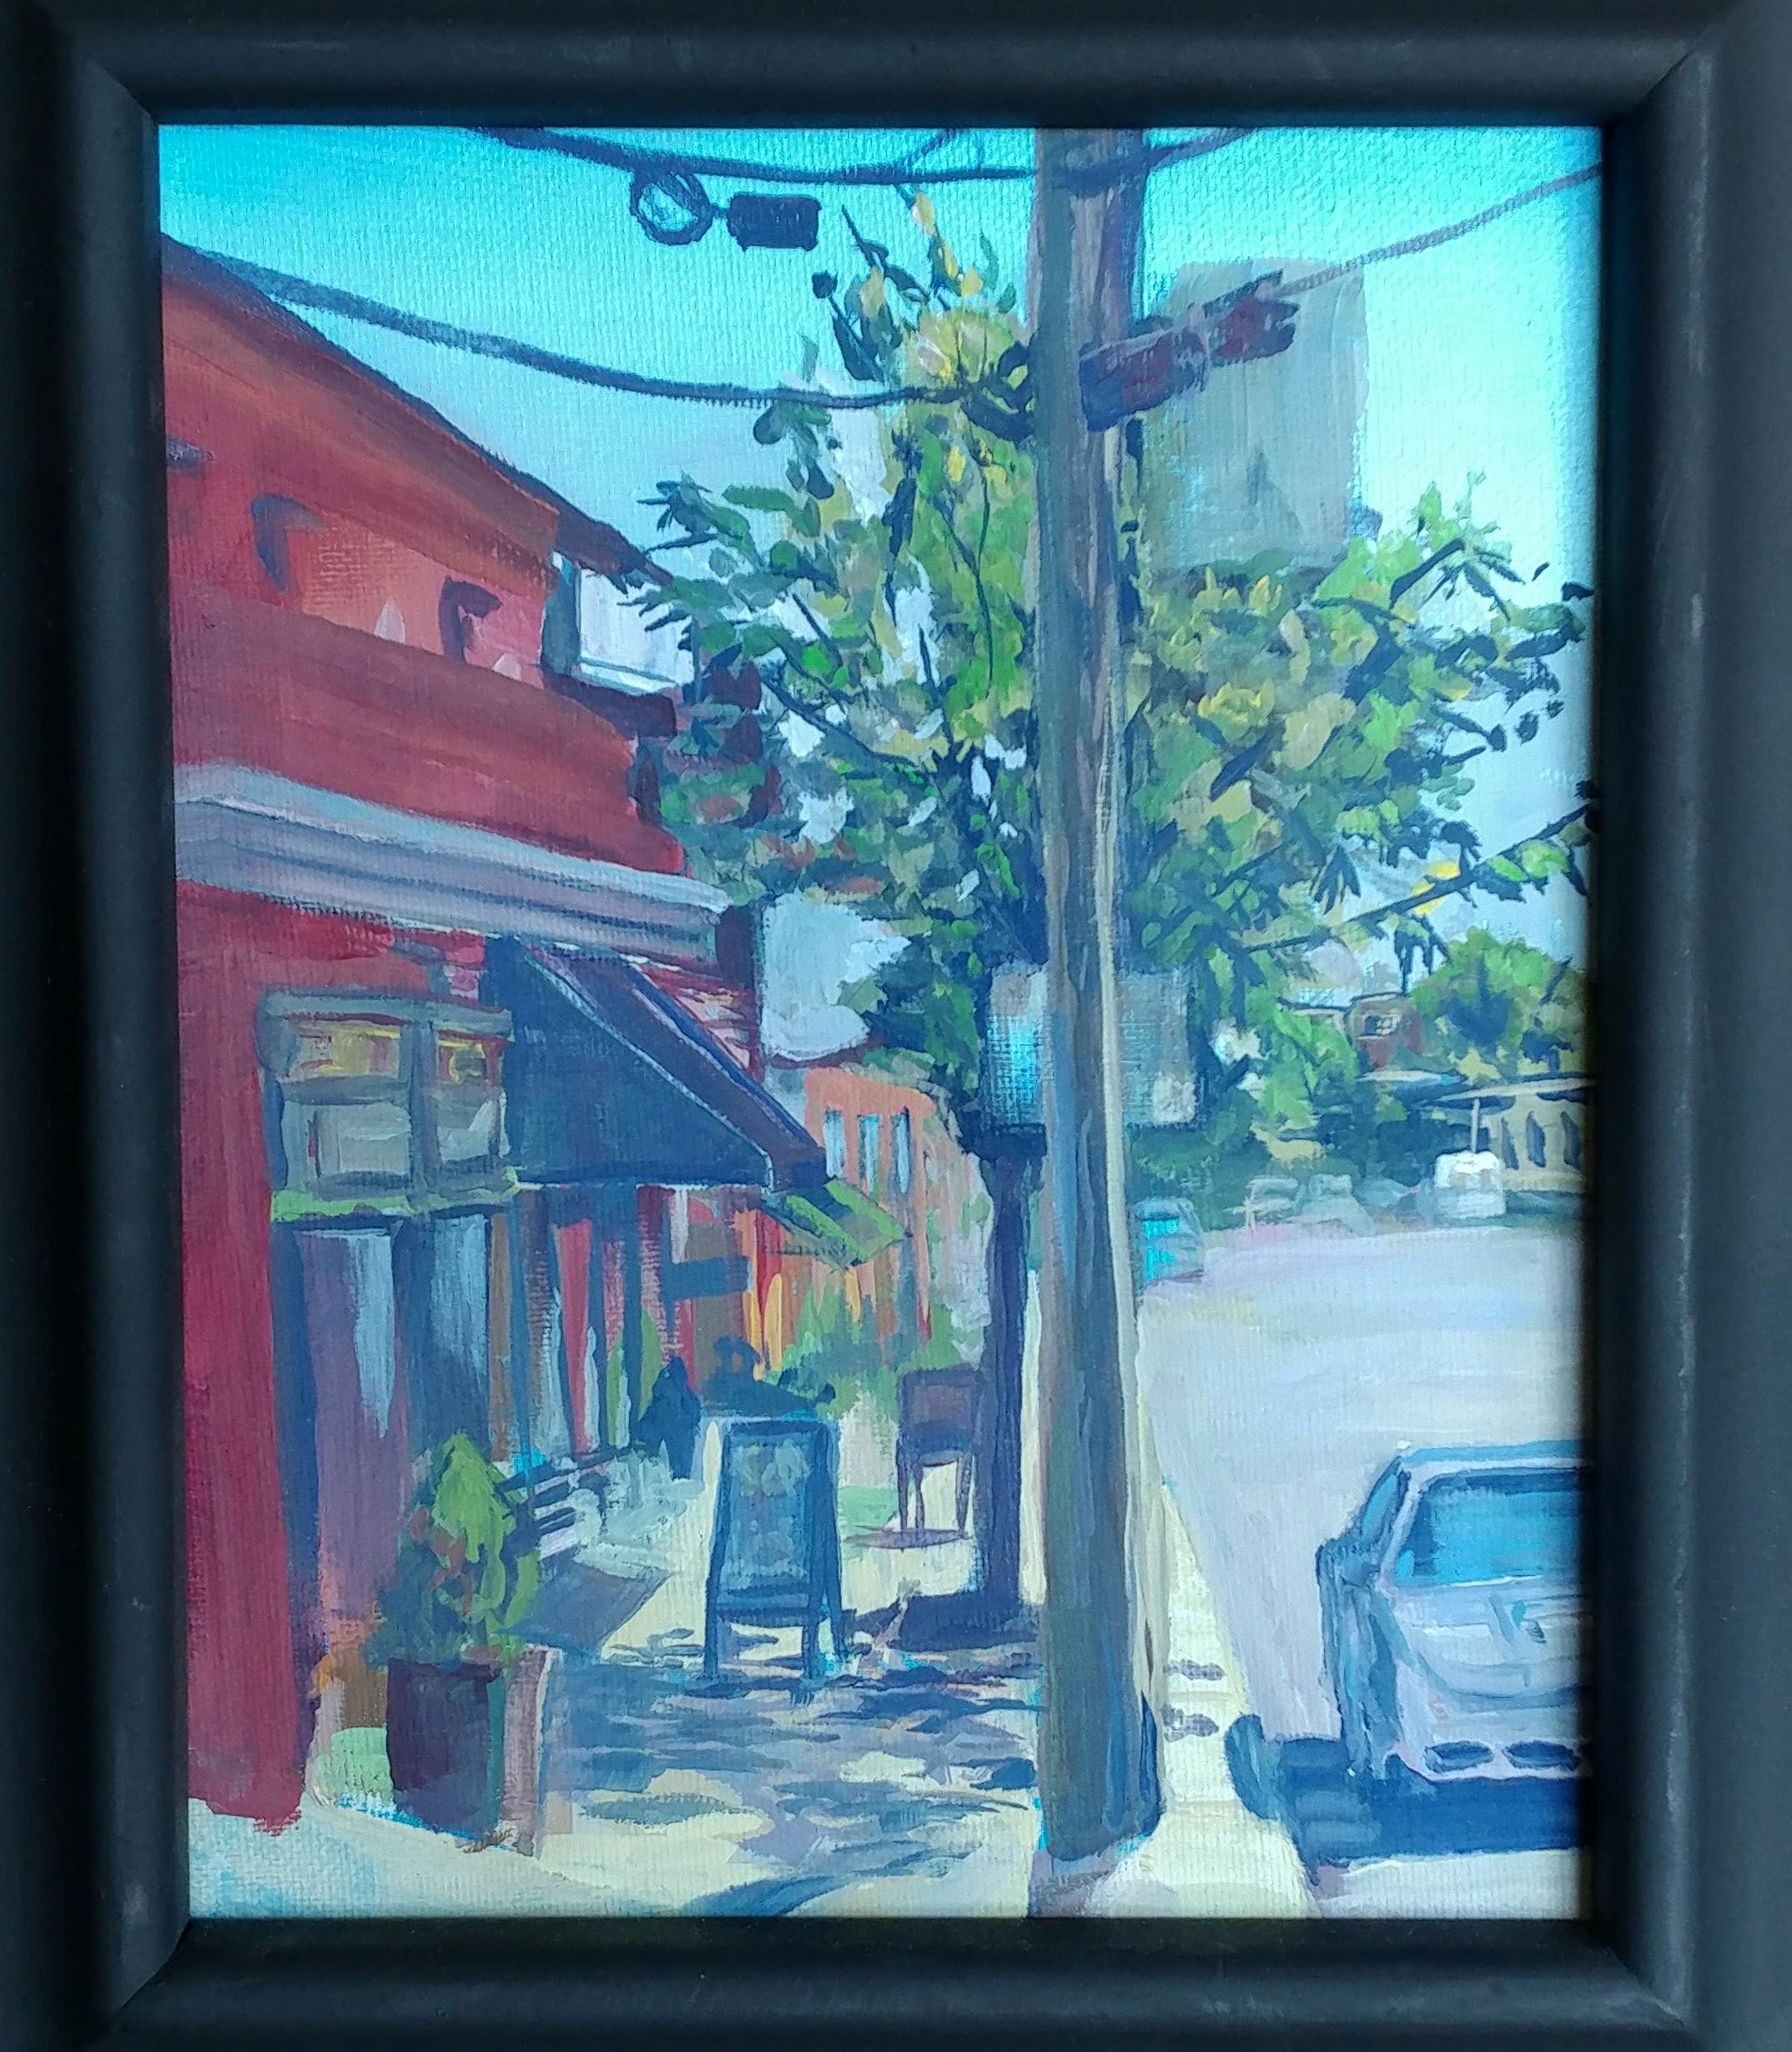 Westport plein air- Westport Creative Cold Snow Art store. Casein on 8X10 canvass.